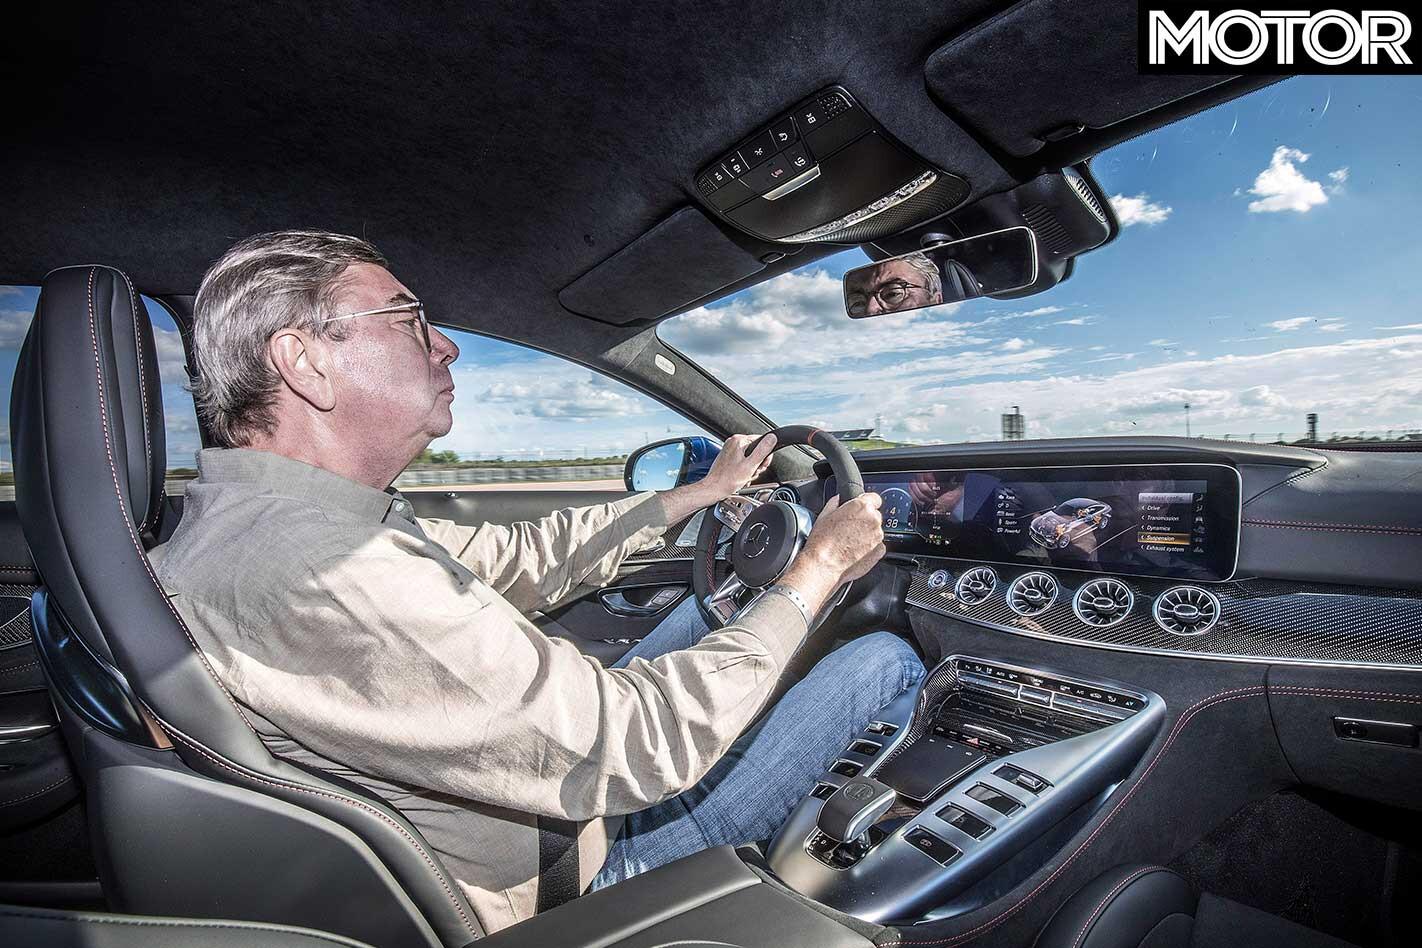 2019 Mercedes AMG GT 63 S 4 Door Drive Review Jpg